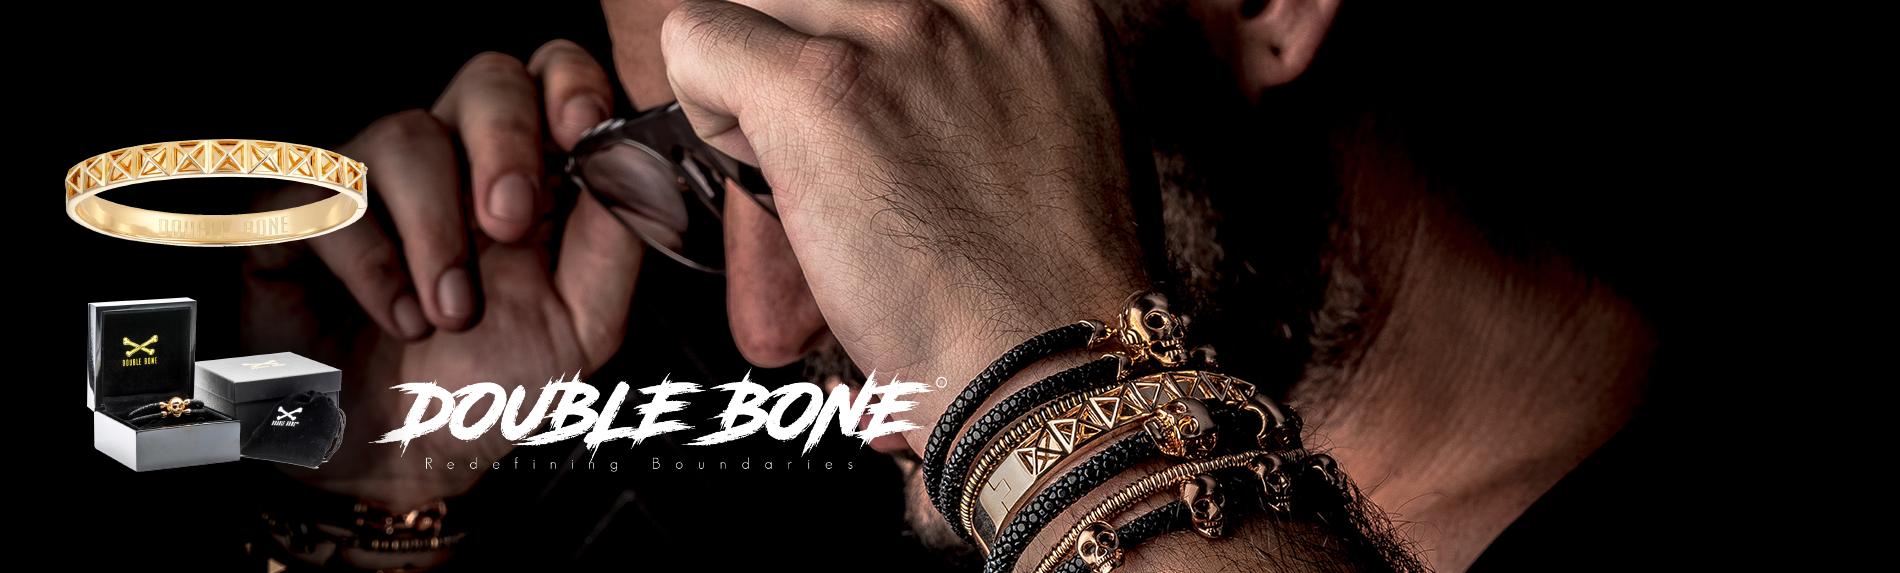 Double Bone